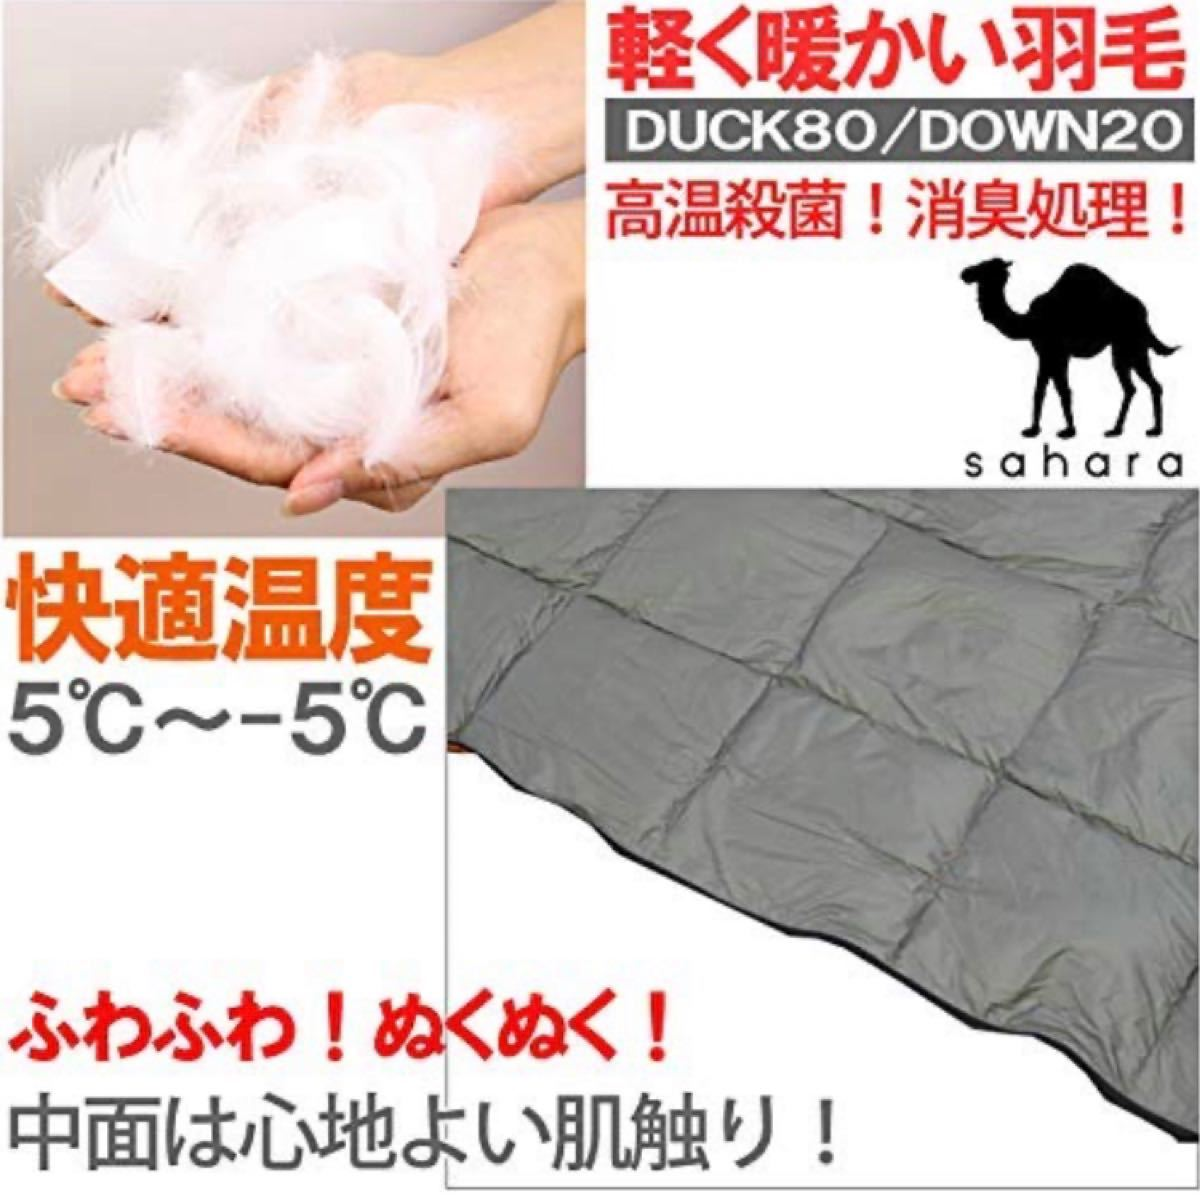 寝袋 抗菌仕様 封筒型 キャンプ アウトドア シュラフ 車中泊 ダウン 黒 封筒型シュラフ 寝袋シュラフ